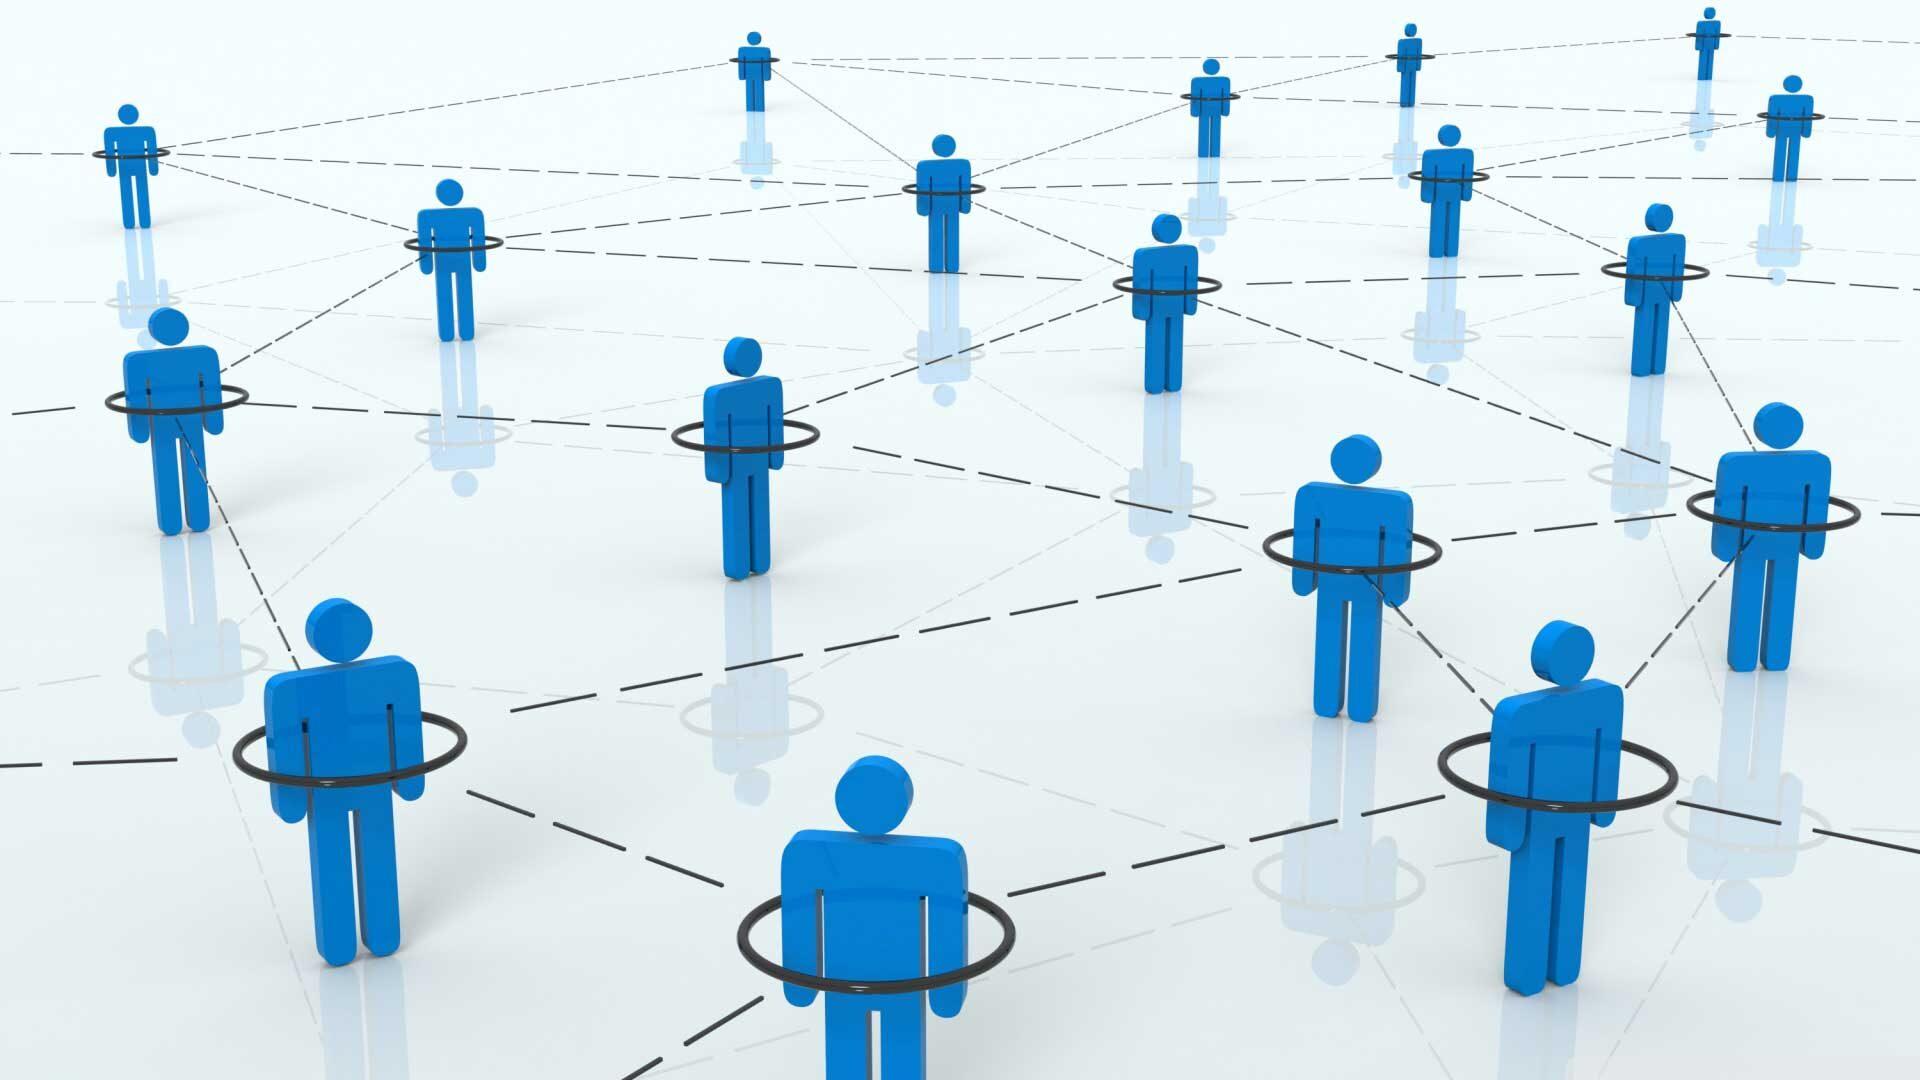 3d_social_networking-wallpaper-1920×1080